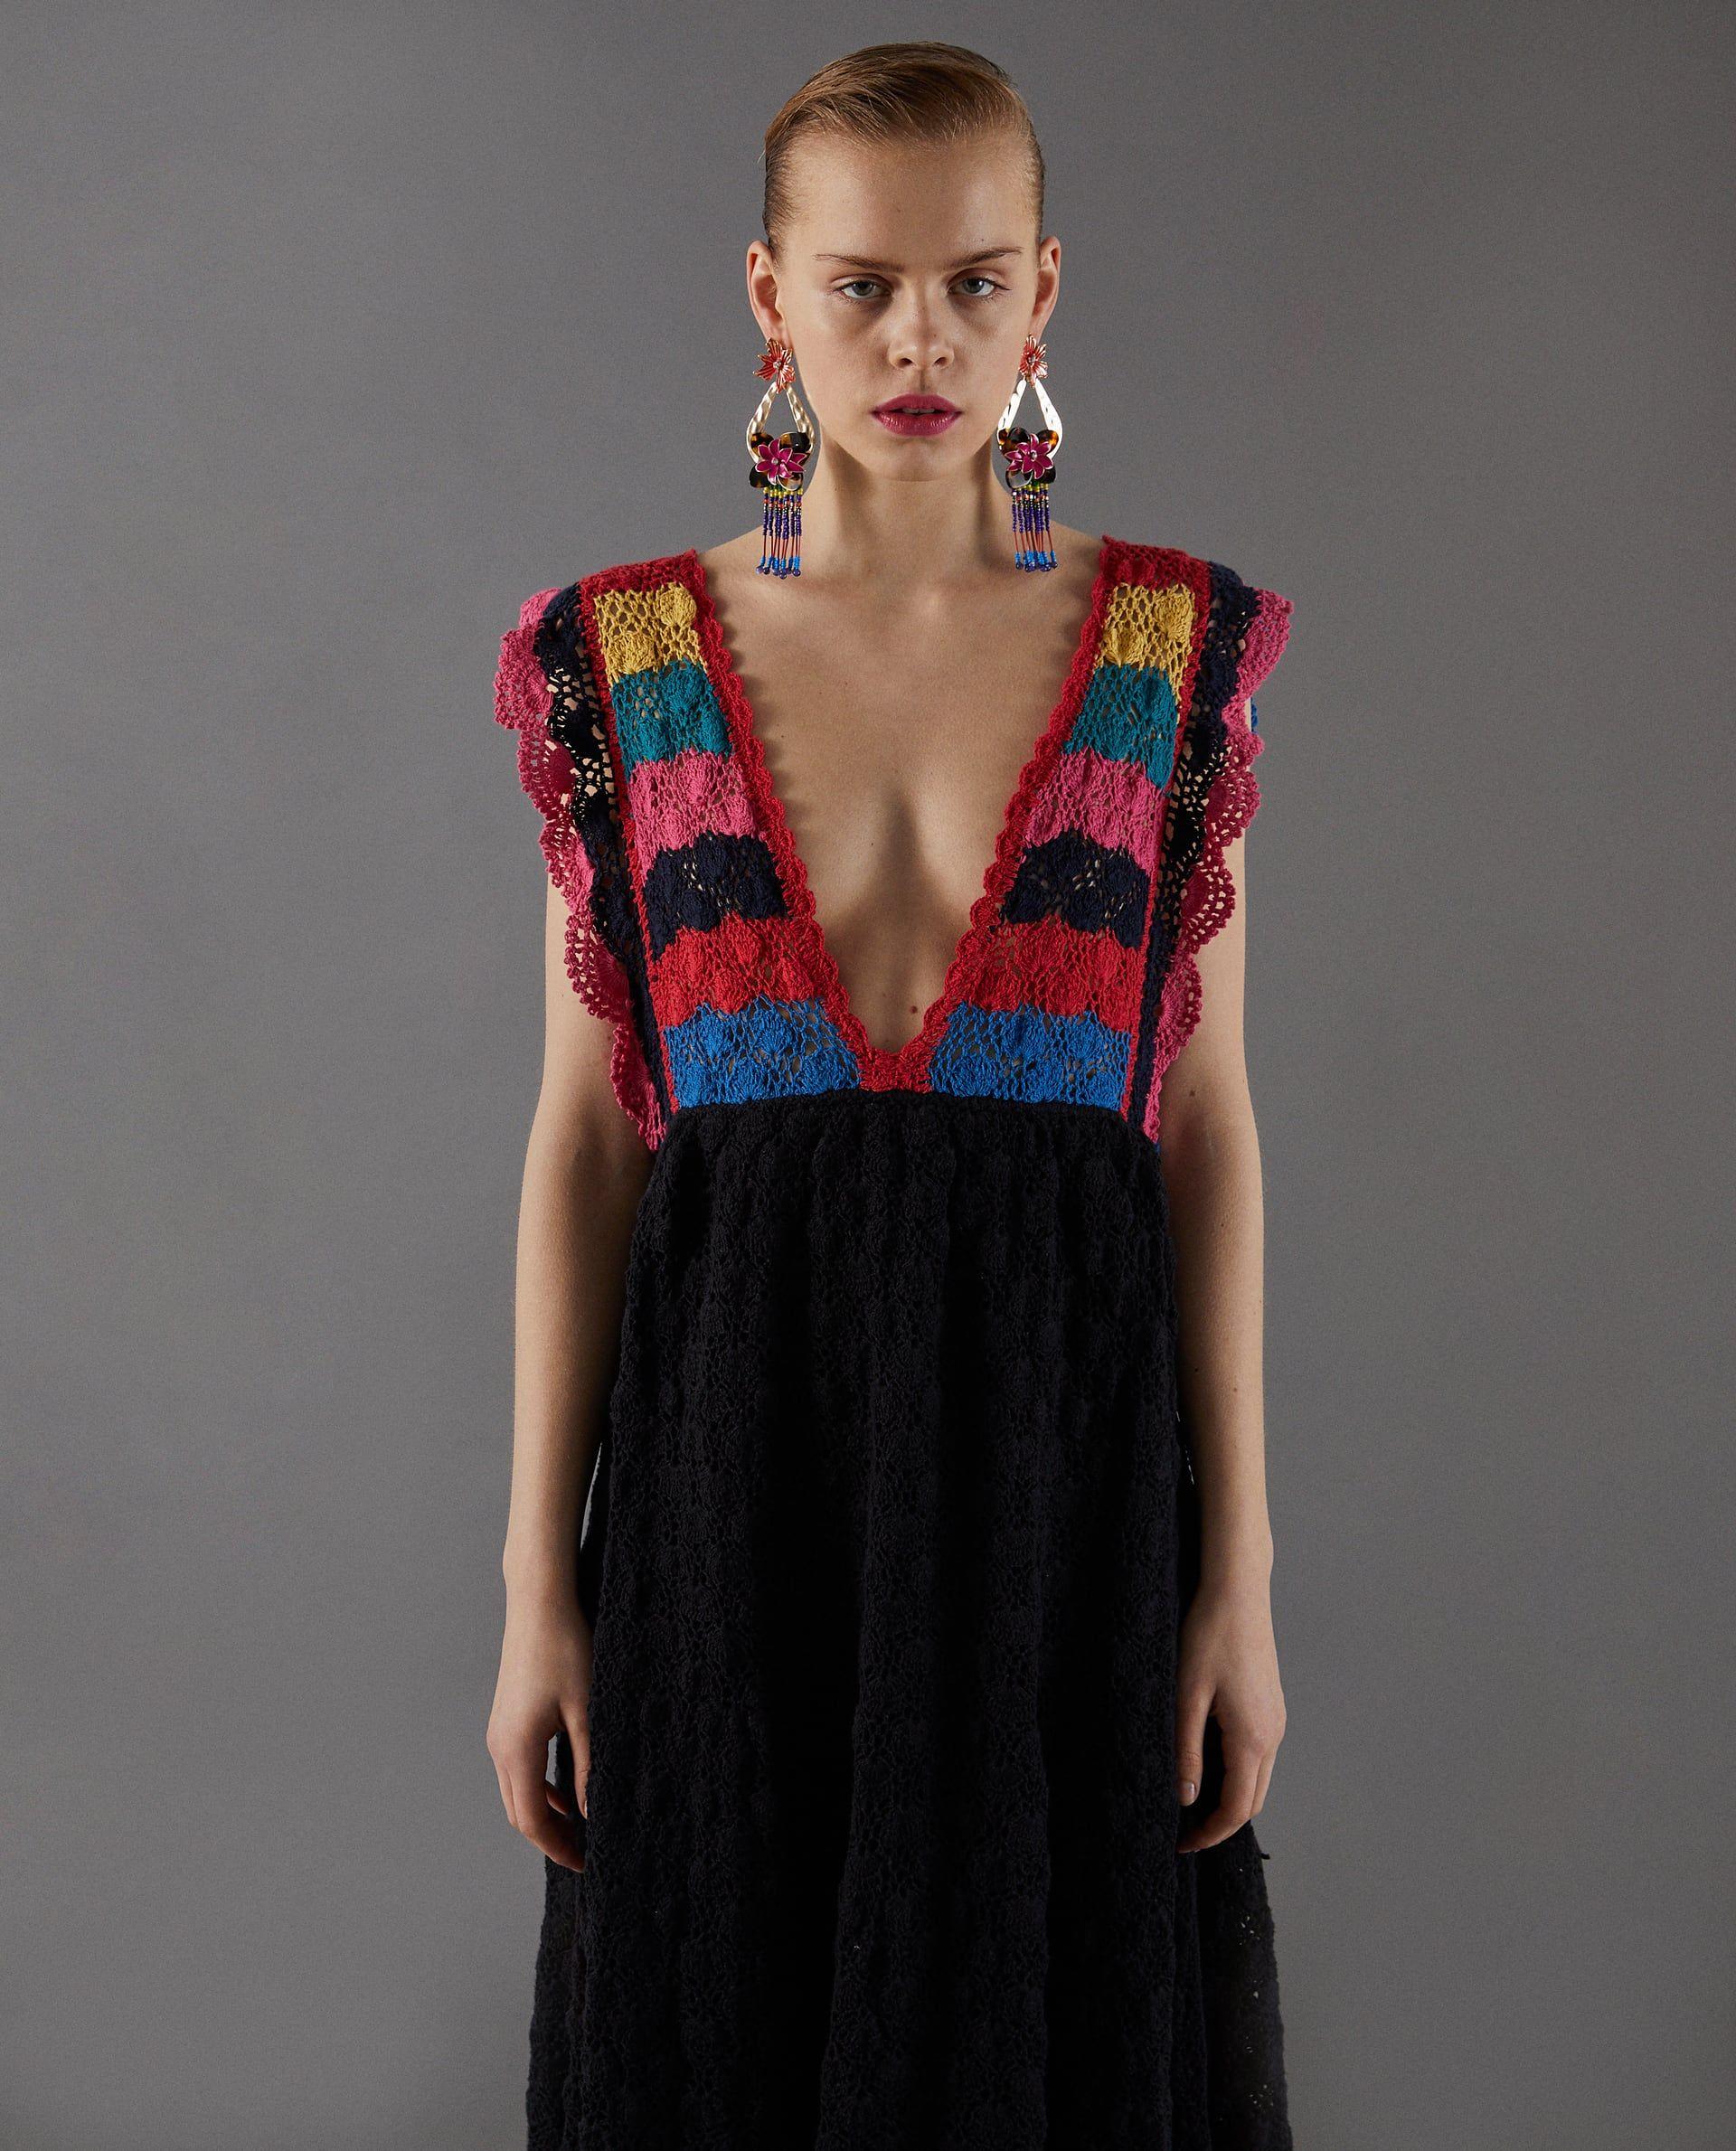 Vestidos de fiesta online zara